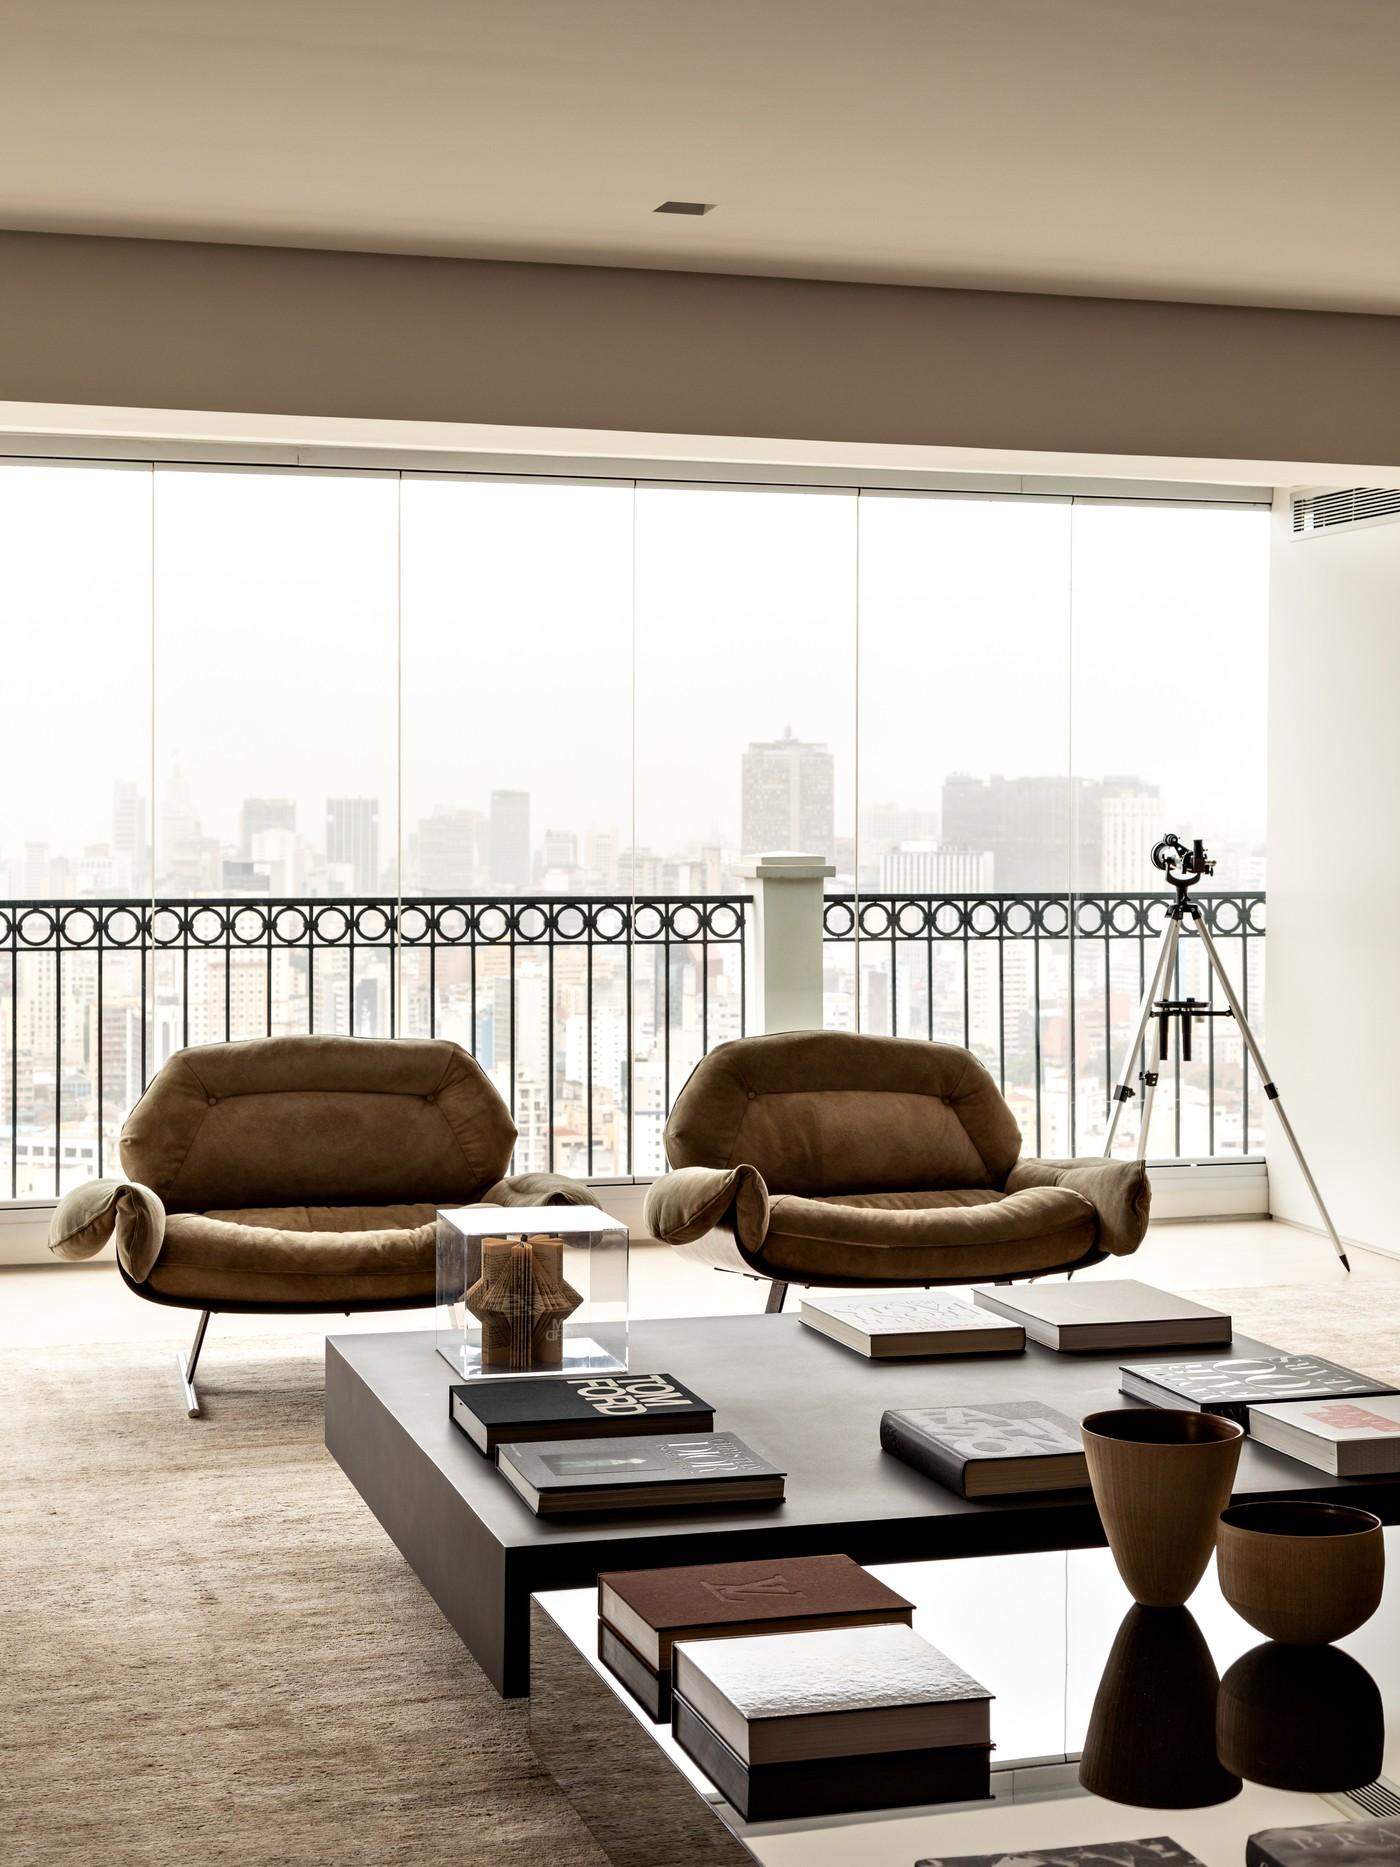 Décor do dia: sala de estar integrada à varanda (Foto: Fran Parente)